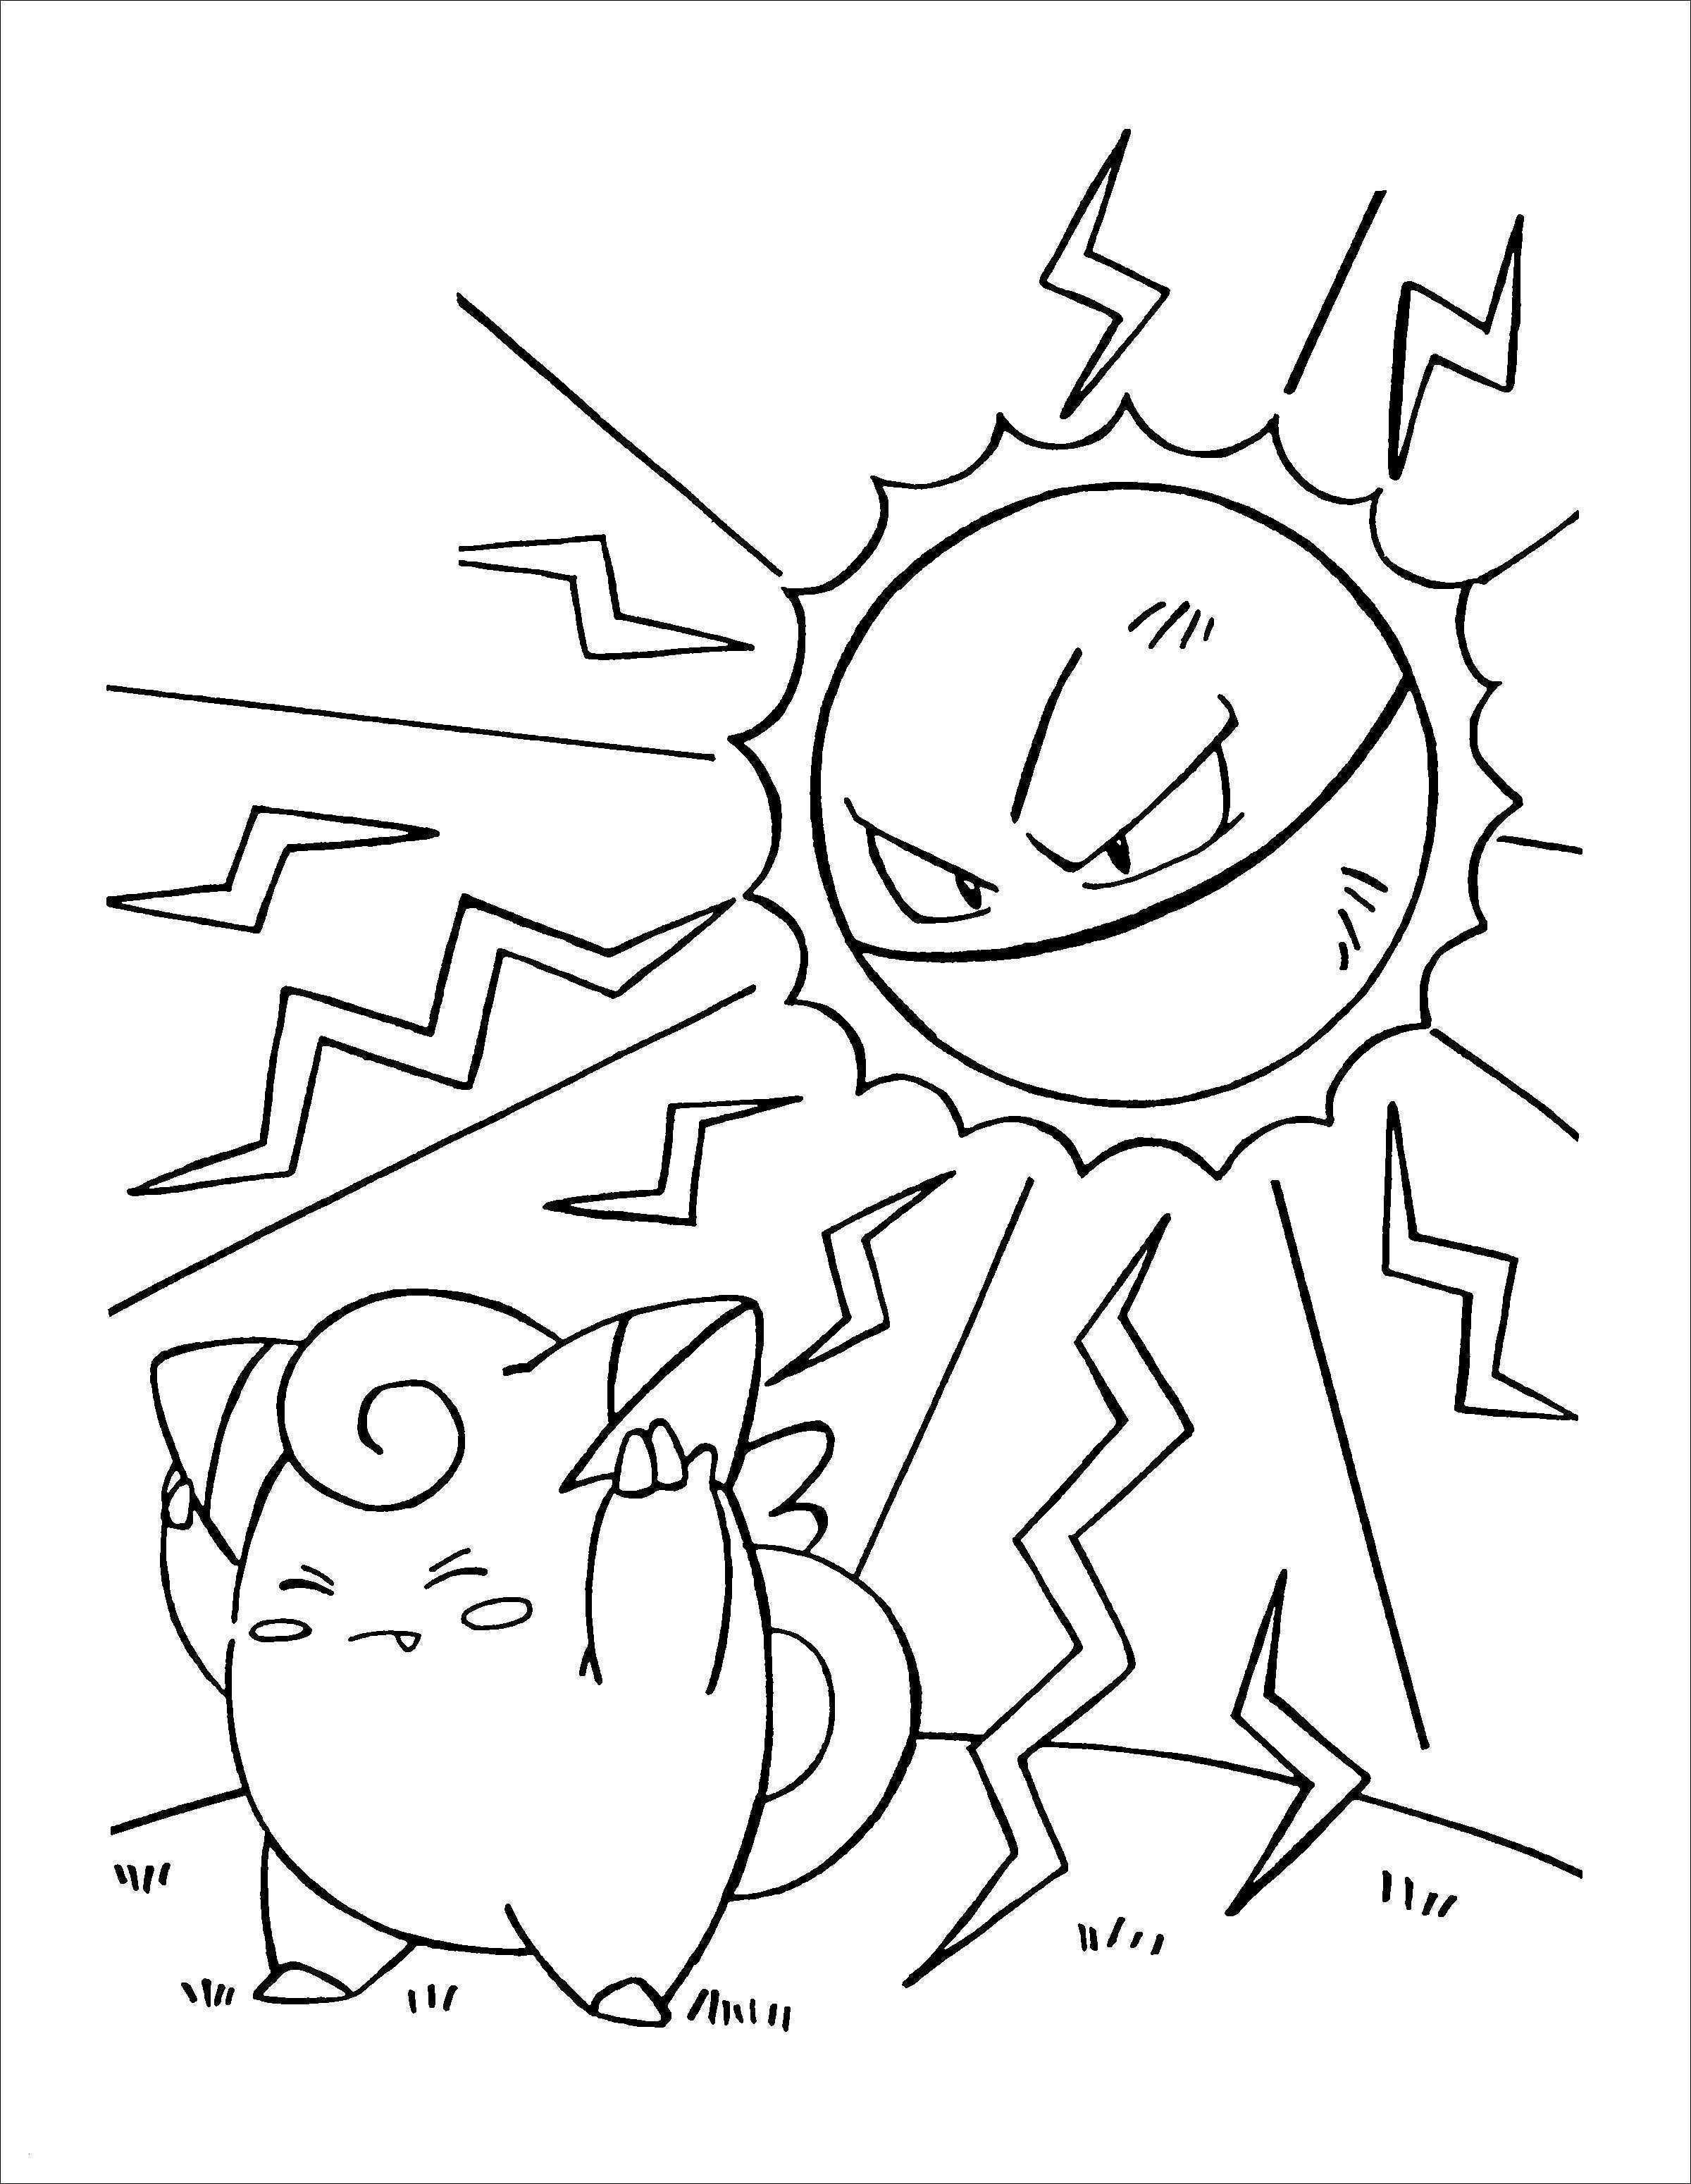 Kostenlose Ausmalbilder Pokemon Genial Pokemon Bilder Zum Ausmalen Bild Mickeycarrollmunchkin Page 4 12 Fotos